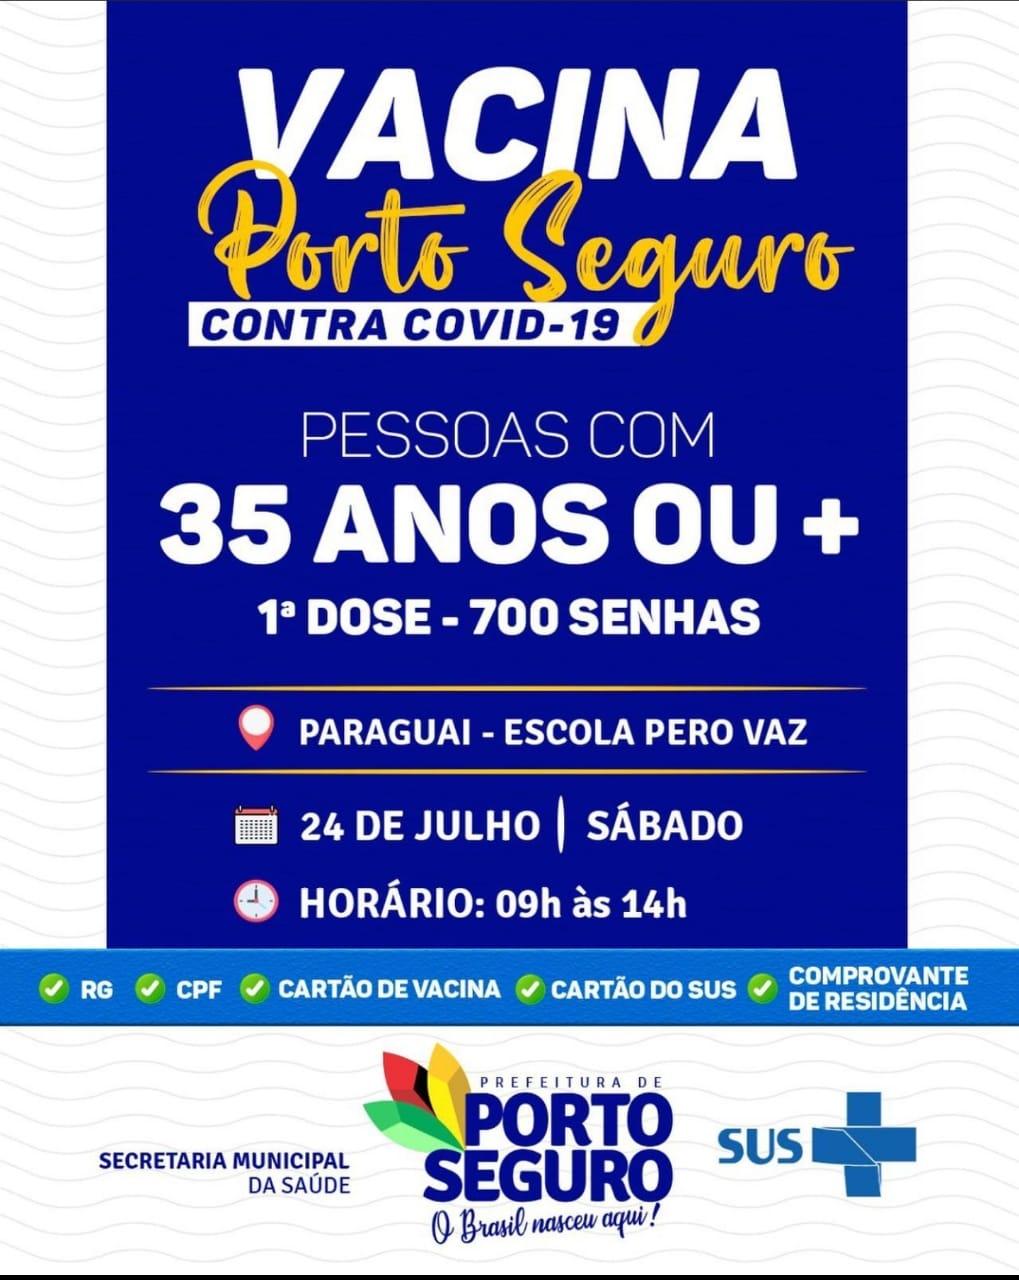 Vacina Porto Seguro contra Covid-19; cronograma de vacinação de 24 de julho 20